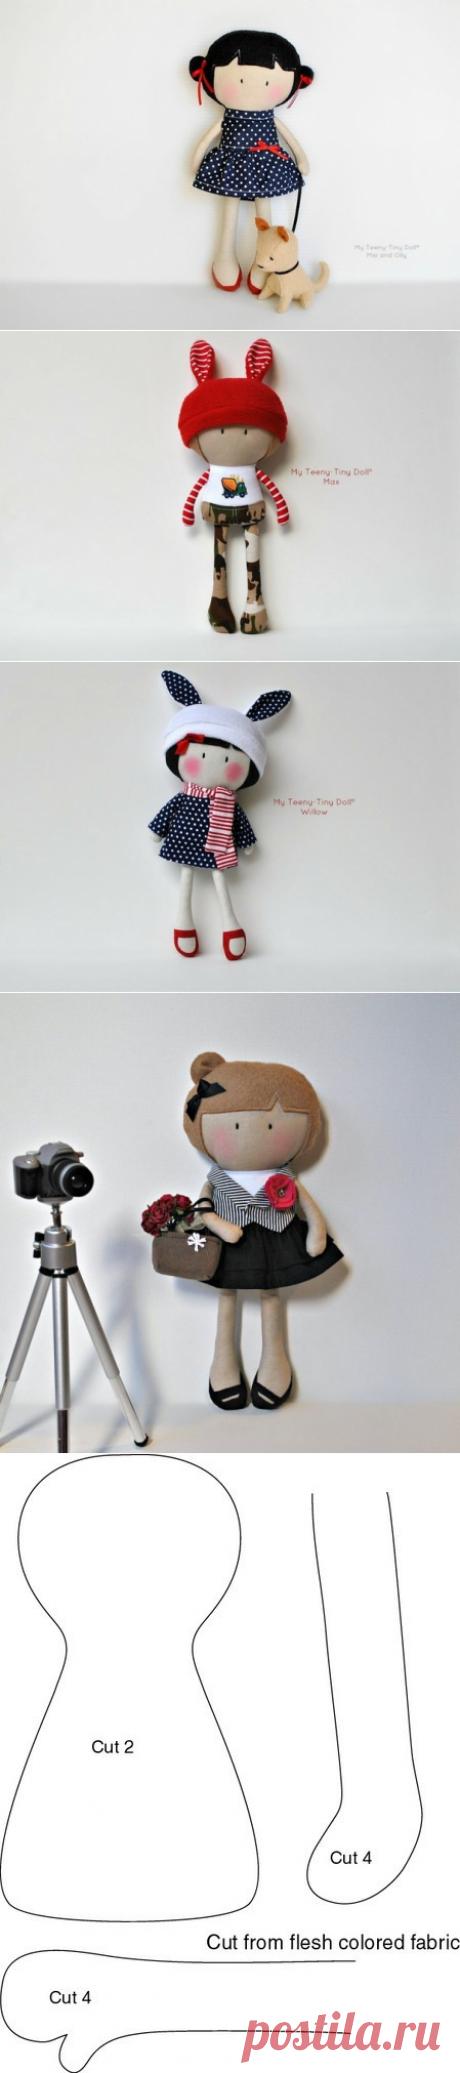 Милые куколки. Выкройки.